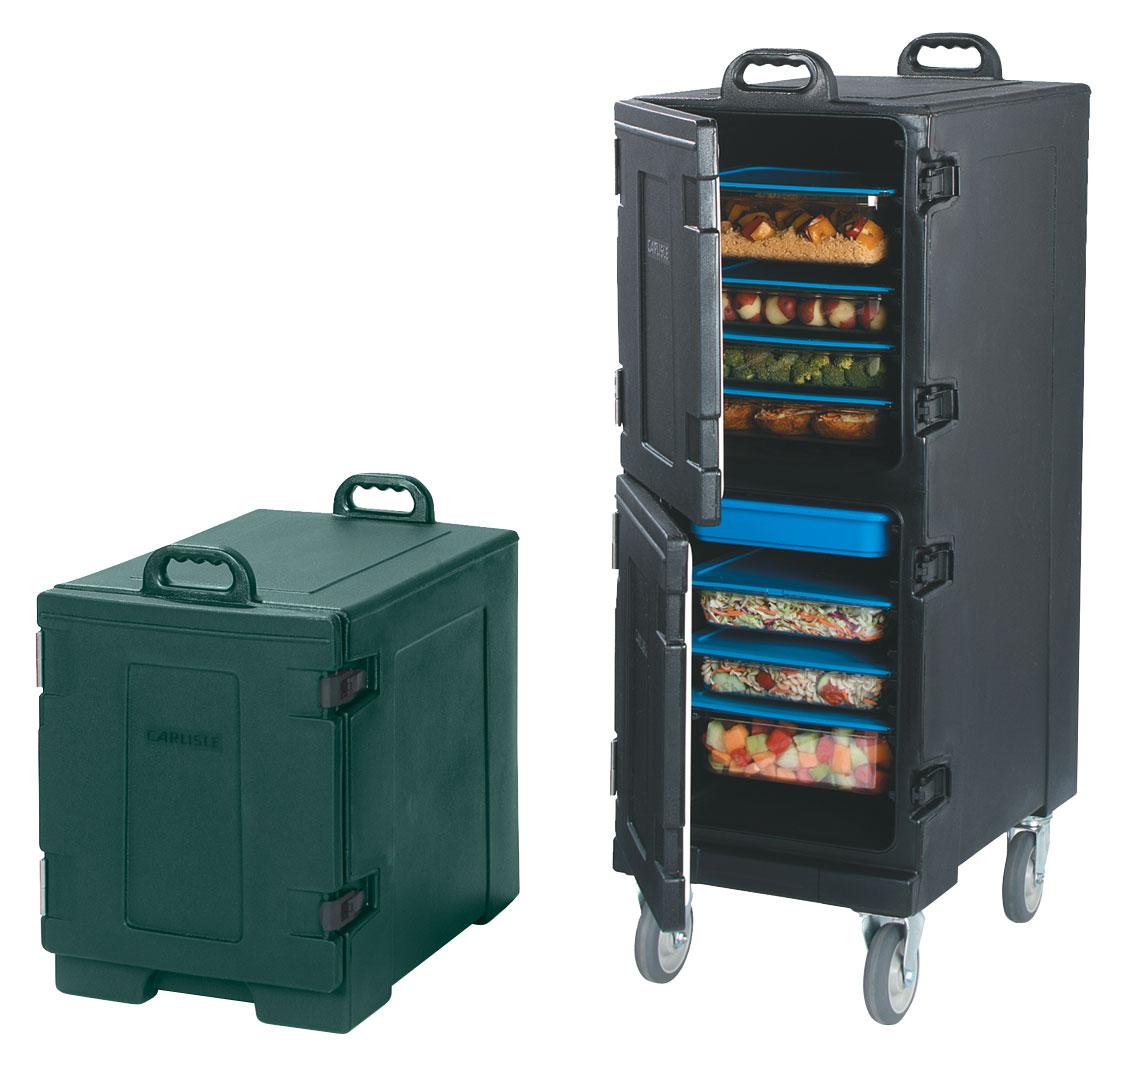 FOOD SERVER FRONT LOADER - DOUBLE (BLACK) 33.1kg - 431 x 622 x 1263mm